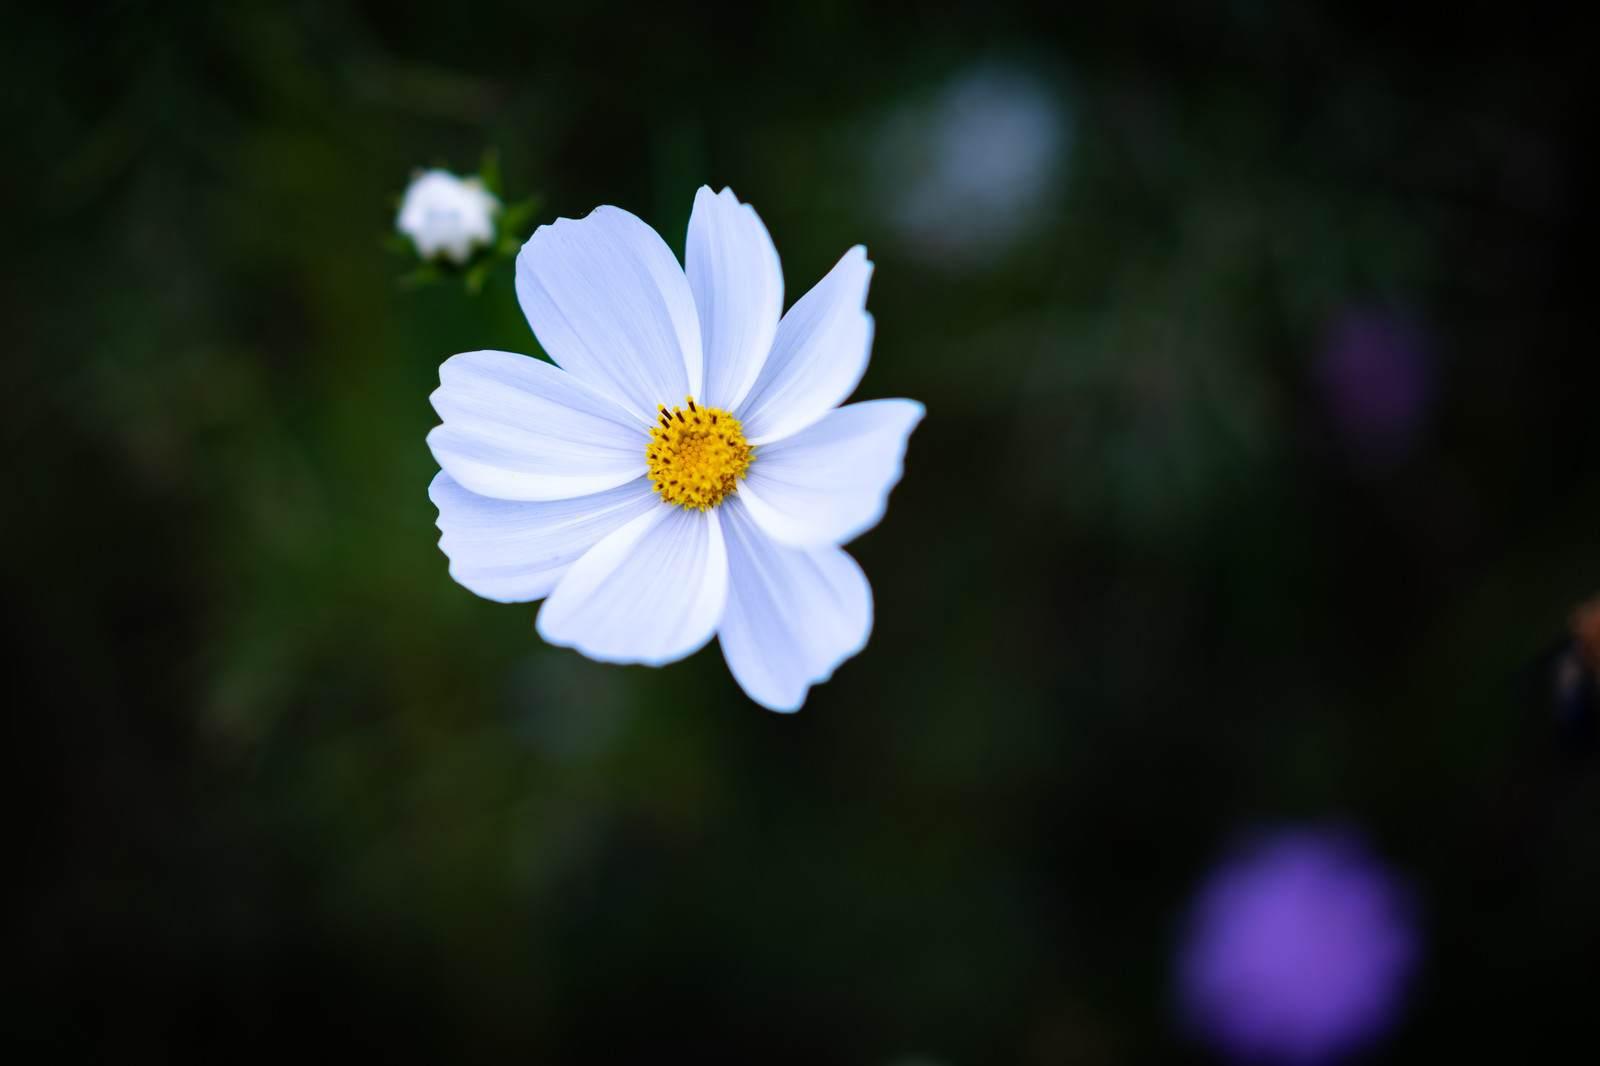 心霊ちょっといい話『一本だけの花』など短編全10話